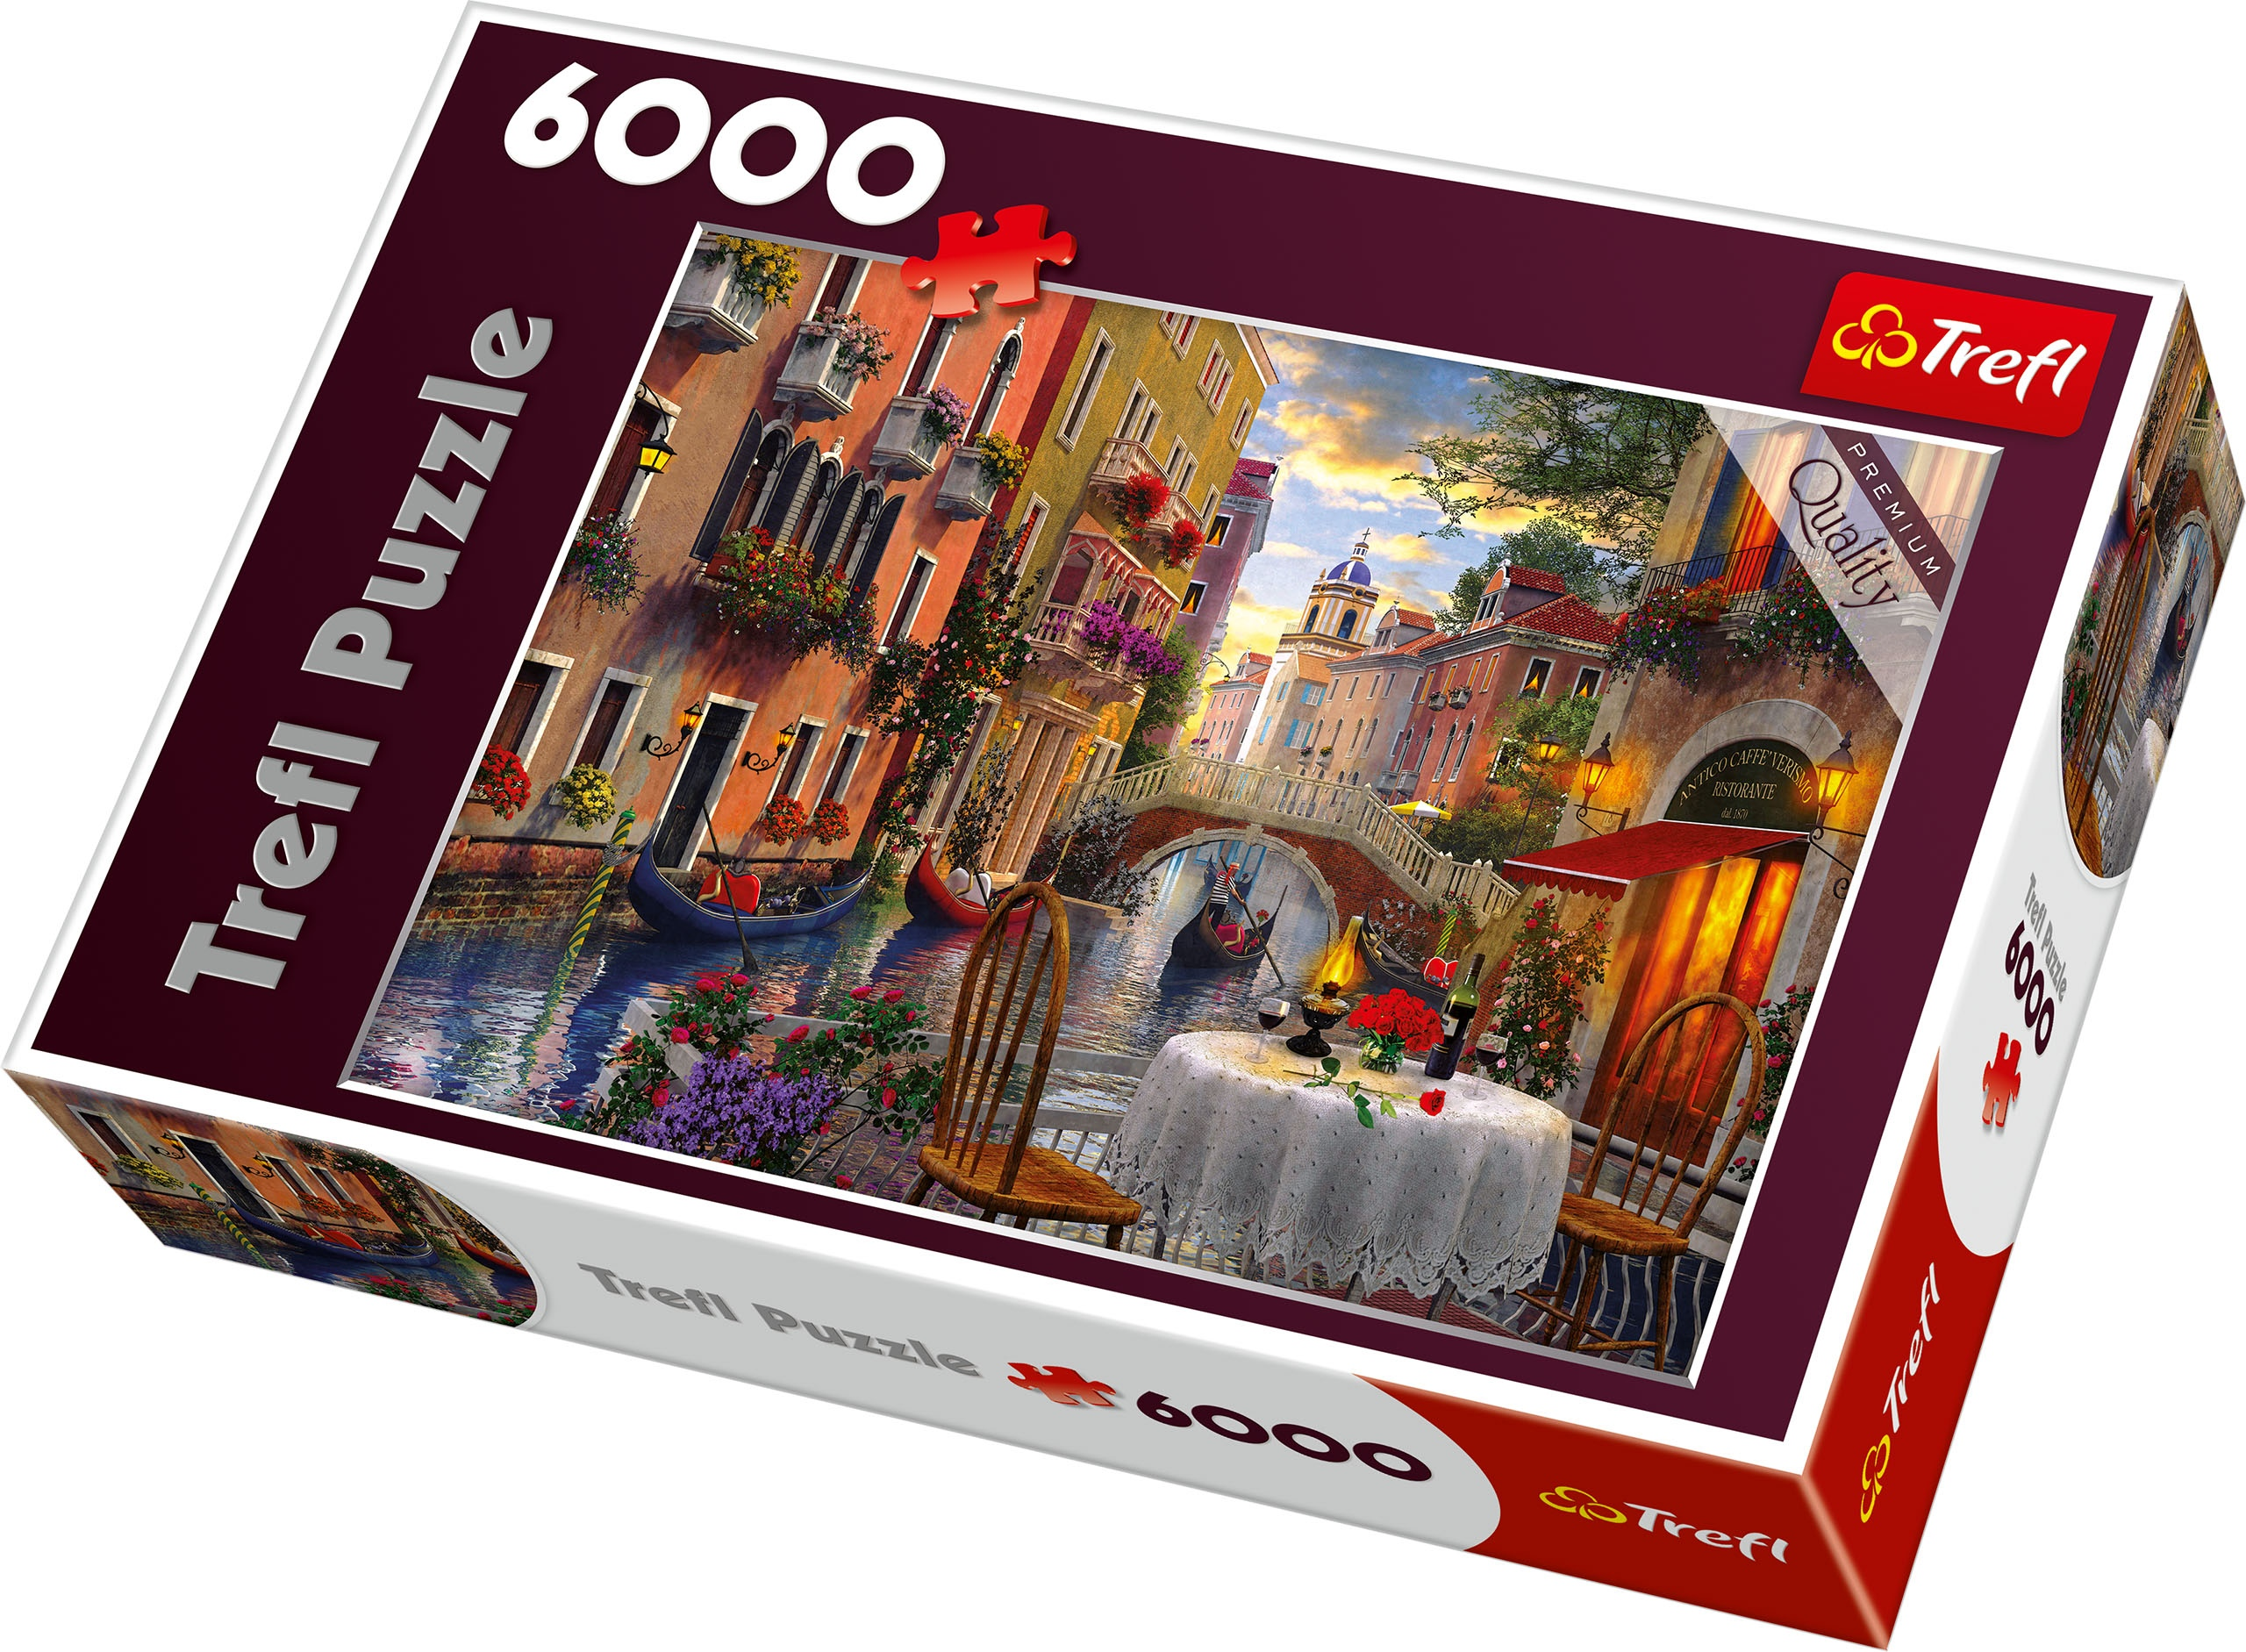 Trefl 6000 Piece Adult Large Romantic Venice Supper Meal